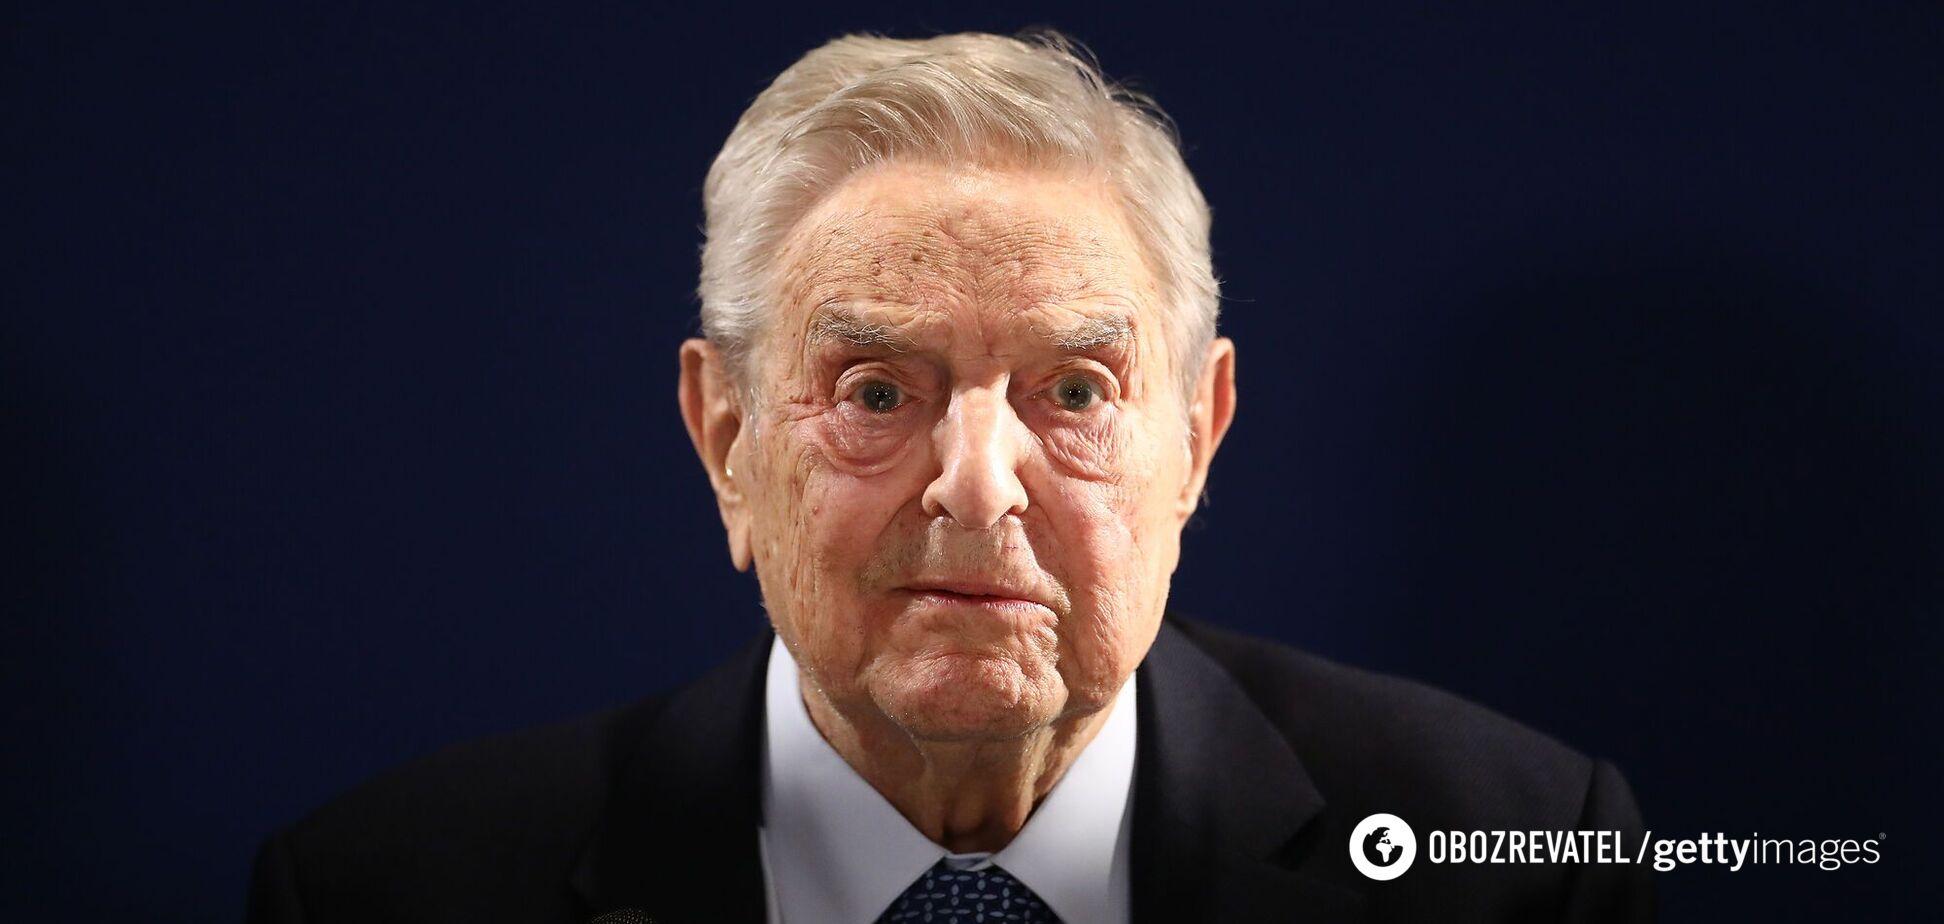 Джордж Сорос: 'Фельдмаршал' грошових потоків